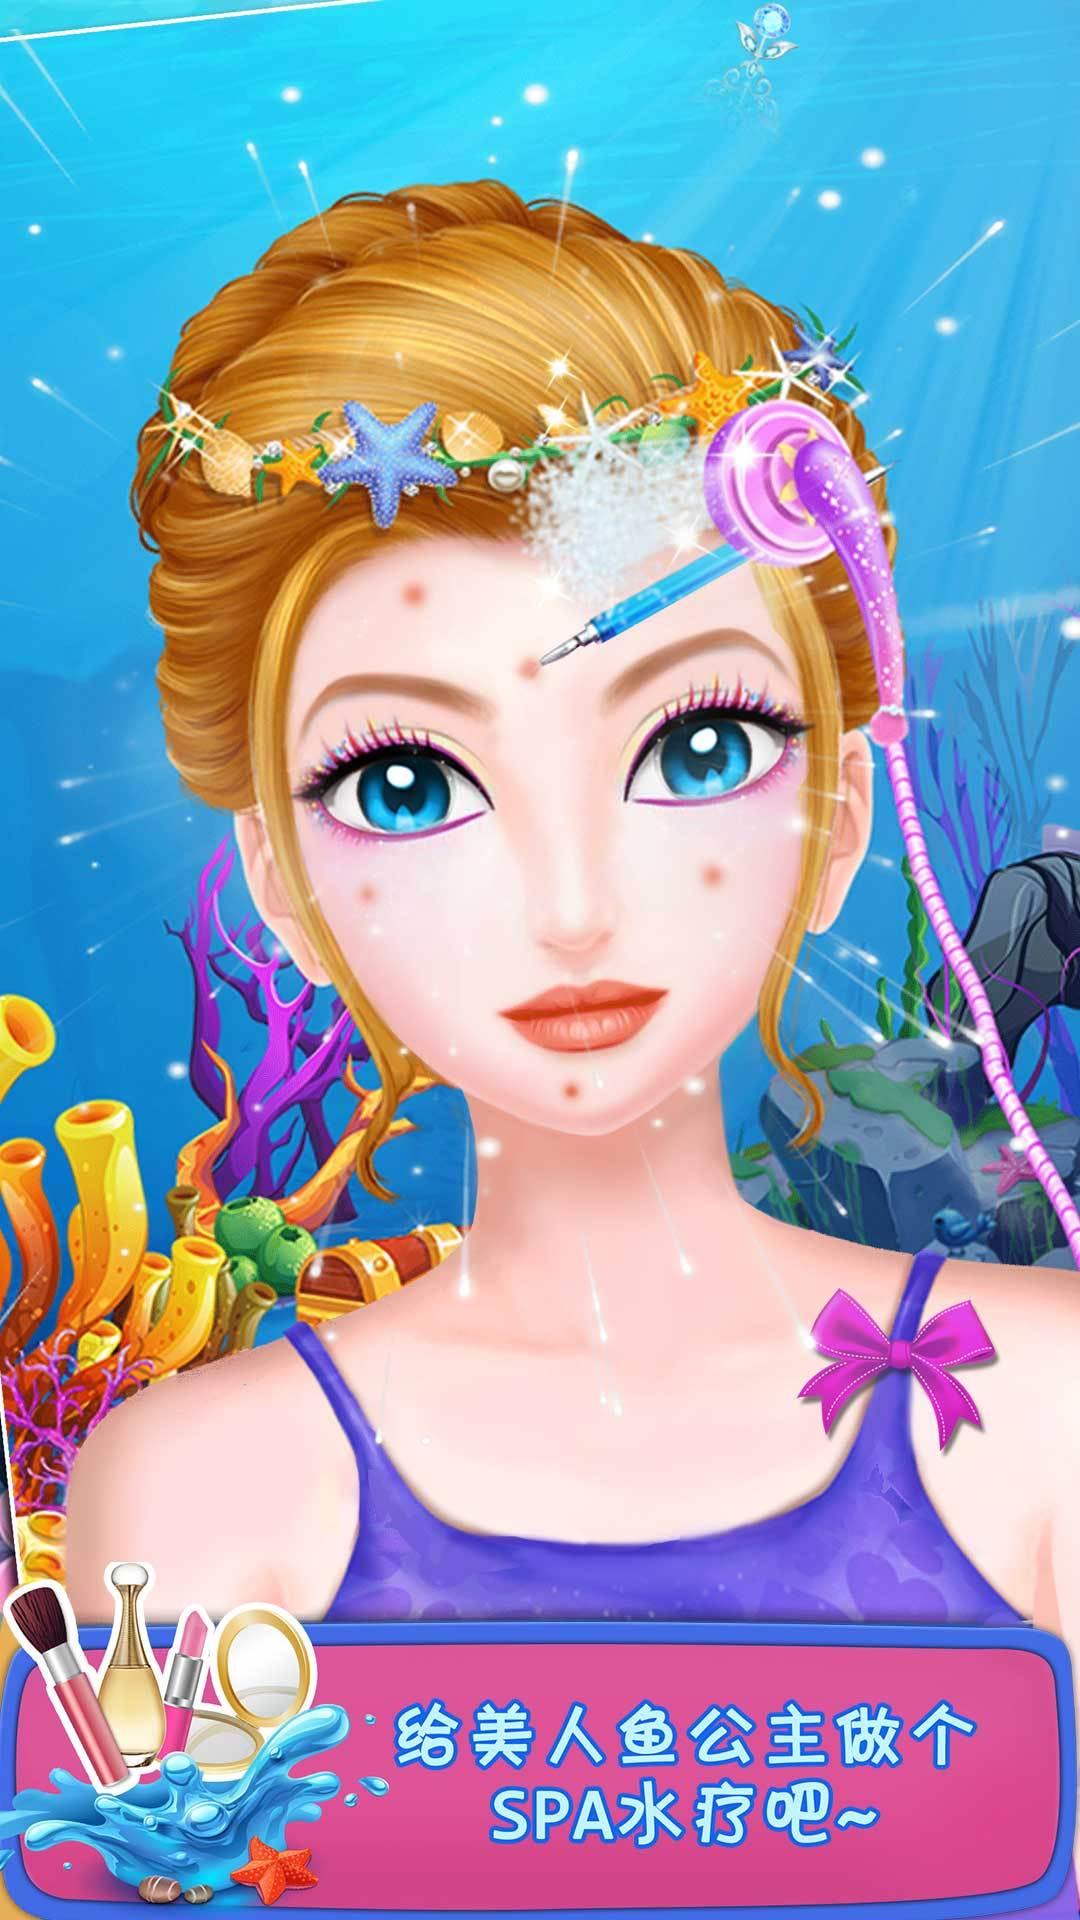 美人鱼公主软件截图4